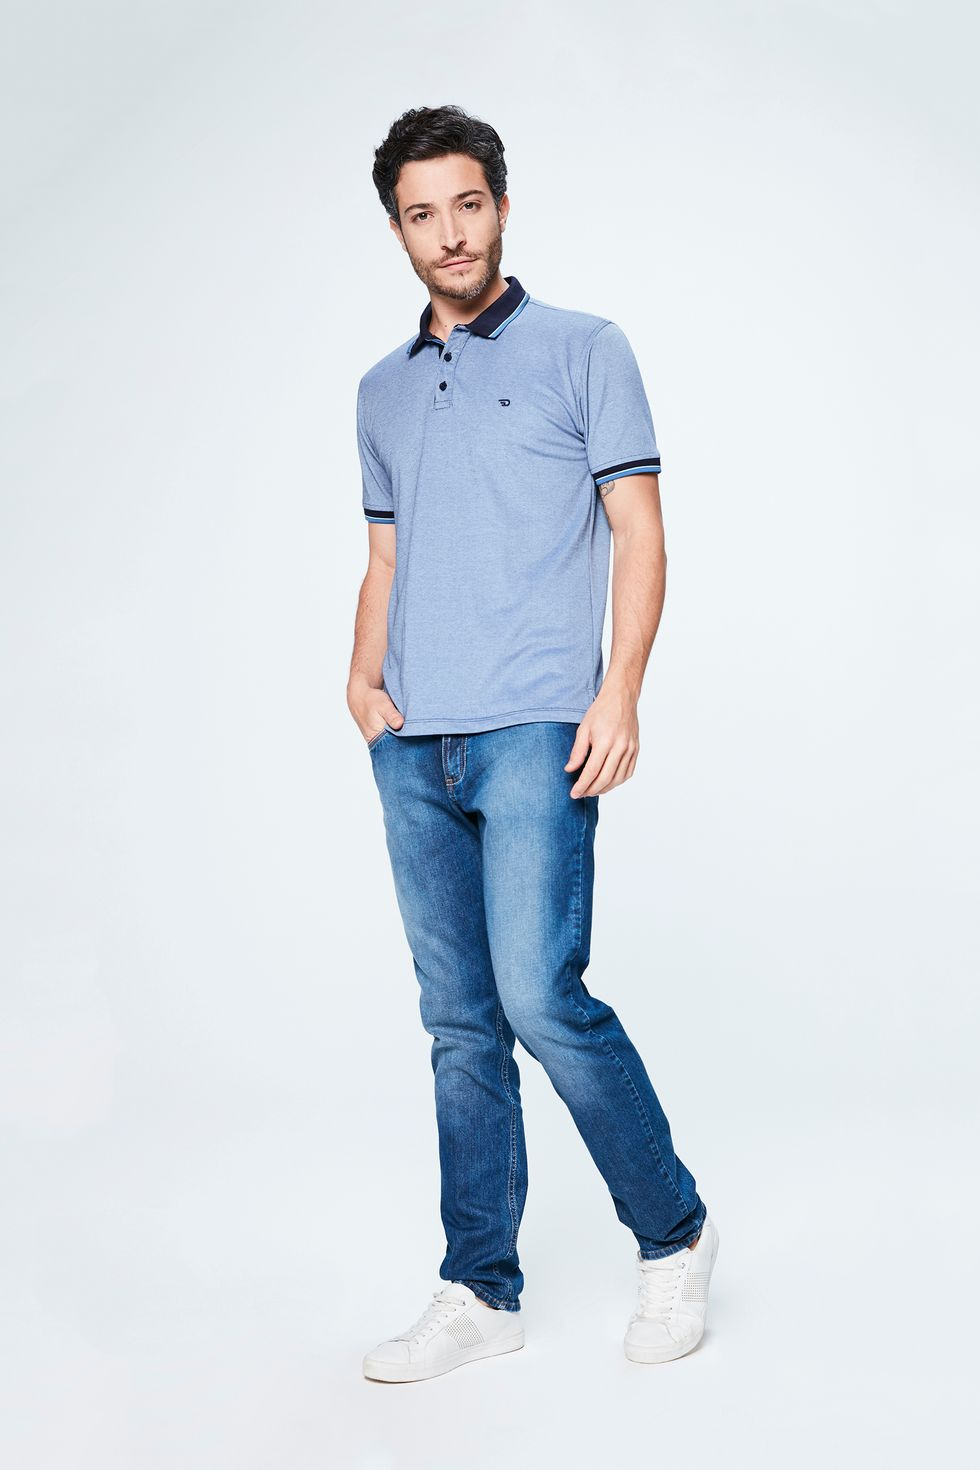 Look-Elegante-Camisa-Polo